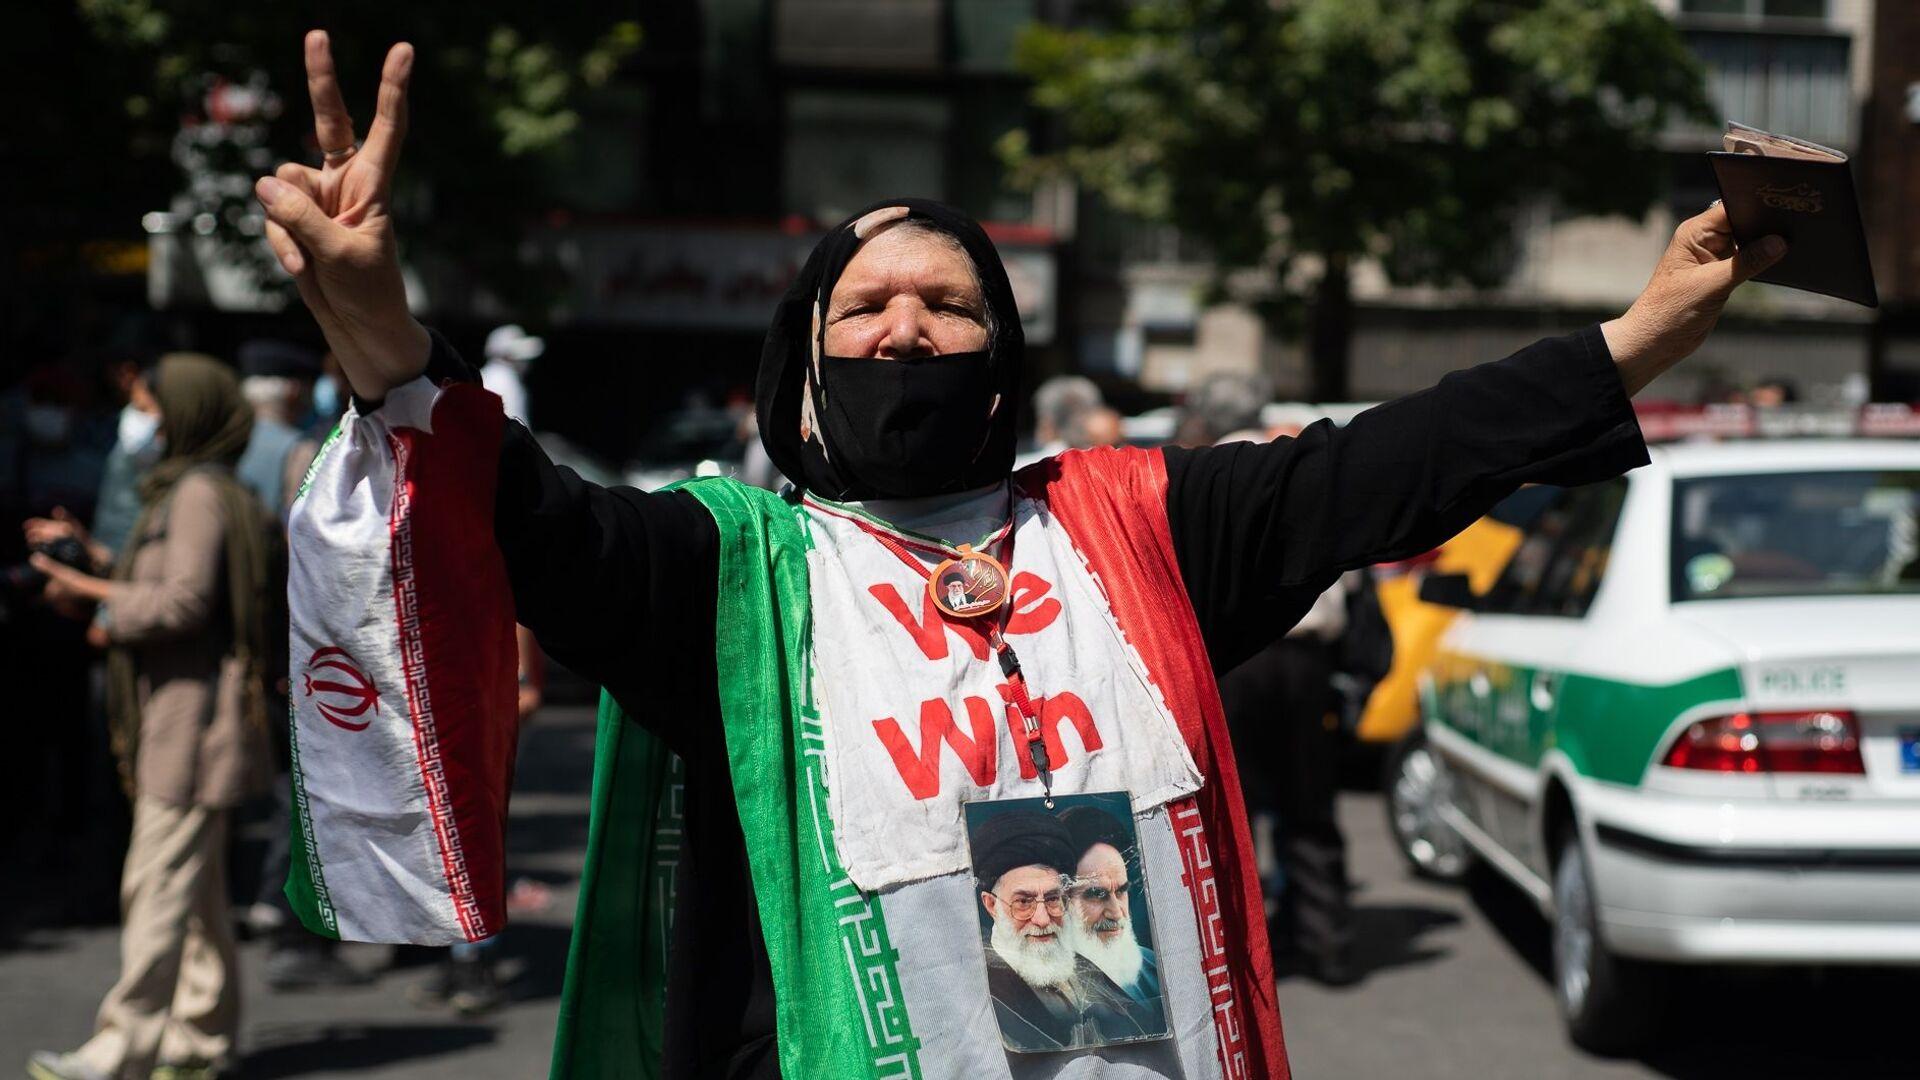 ირანელი ქალი მკერდზე ორი სულიერი ლიდერის - აიათოლა ალი ჰამანეისა და აიათოლა ჰომეინის პორტრეტებით   - Sputnik საქართველო, 1920, 05.10.2021